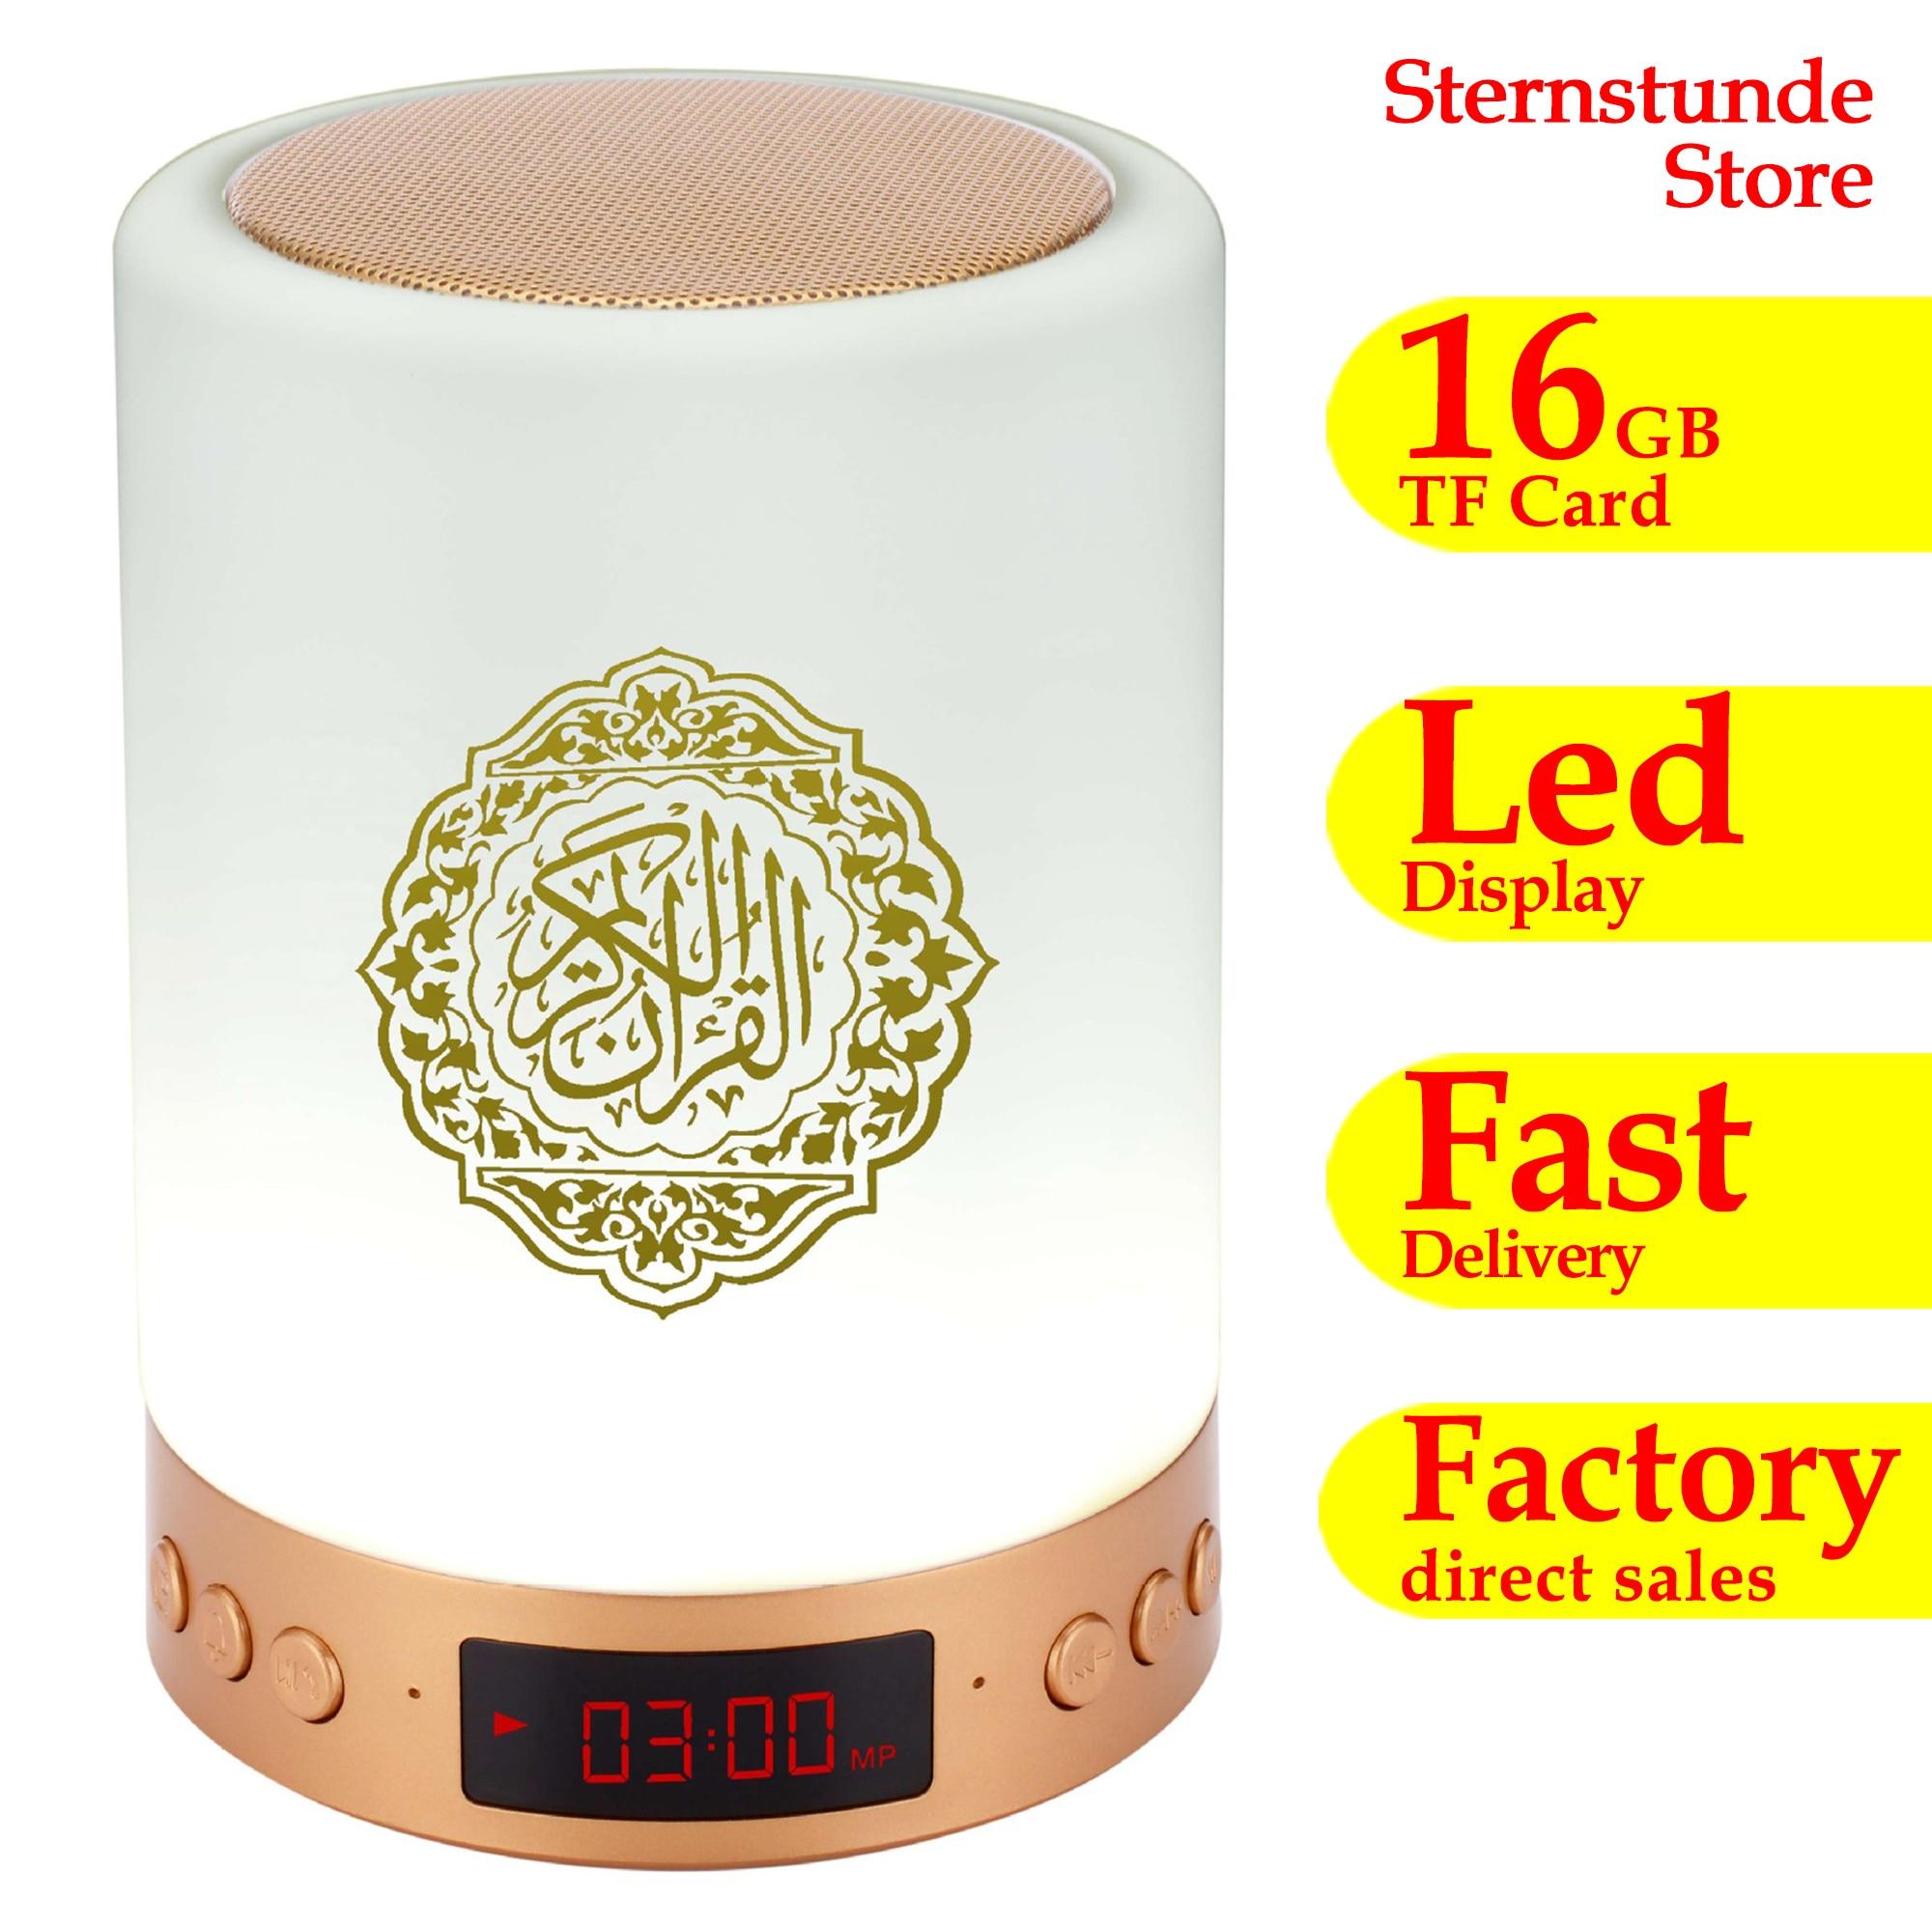 16gb de memória toque alcorão alto-falante lâmpada sem fio bluetooth mp3 player rádio alcorão digital muçulmano presente led azan relógio luz da noite